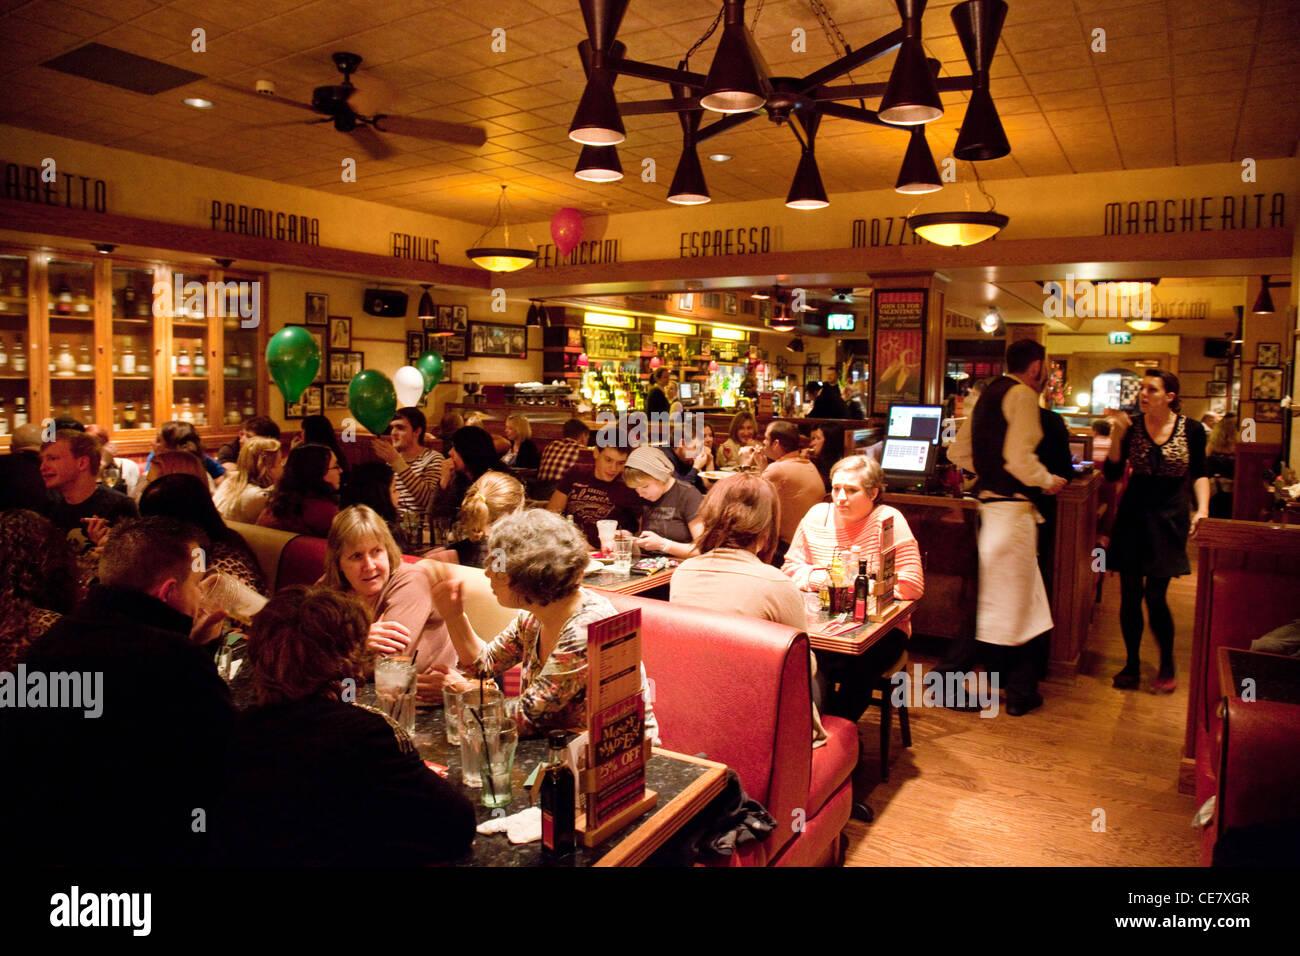 Restaurants Drinking Rights Uk